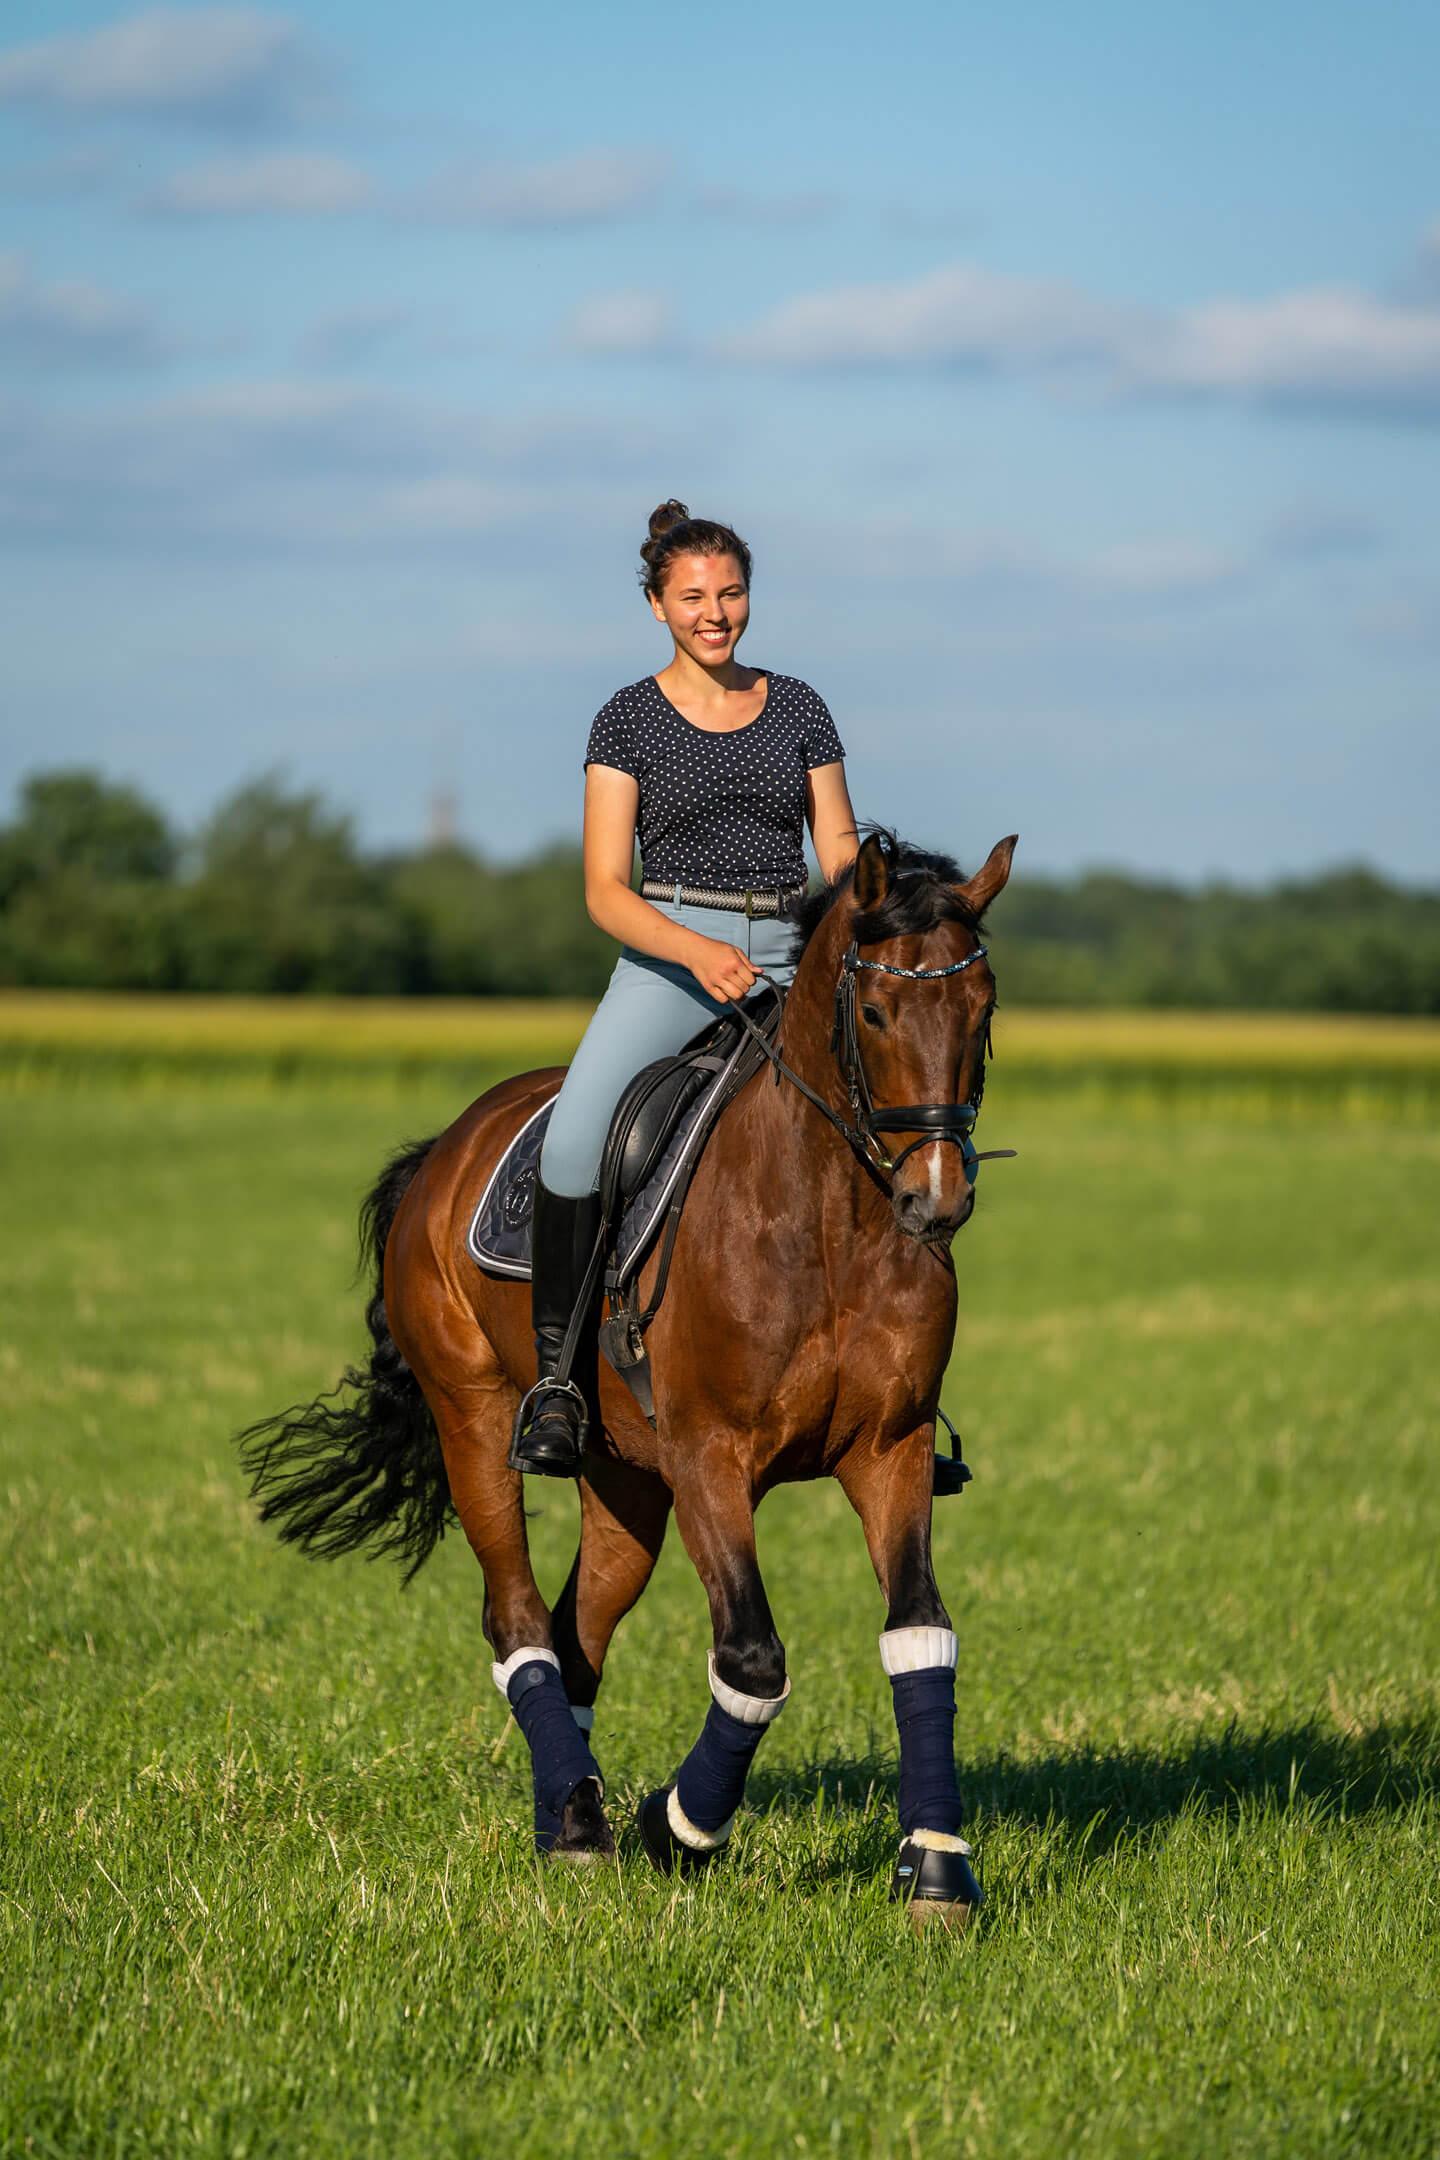 Pferd mit Reiterin im Galopp beim Pferde-Fotoshooting